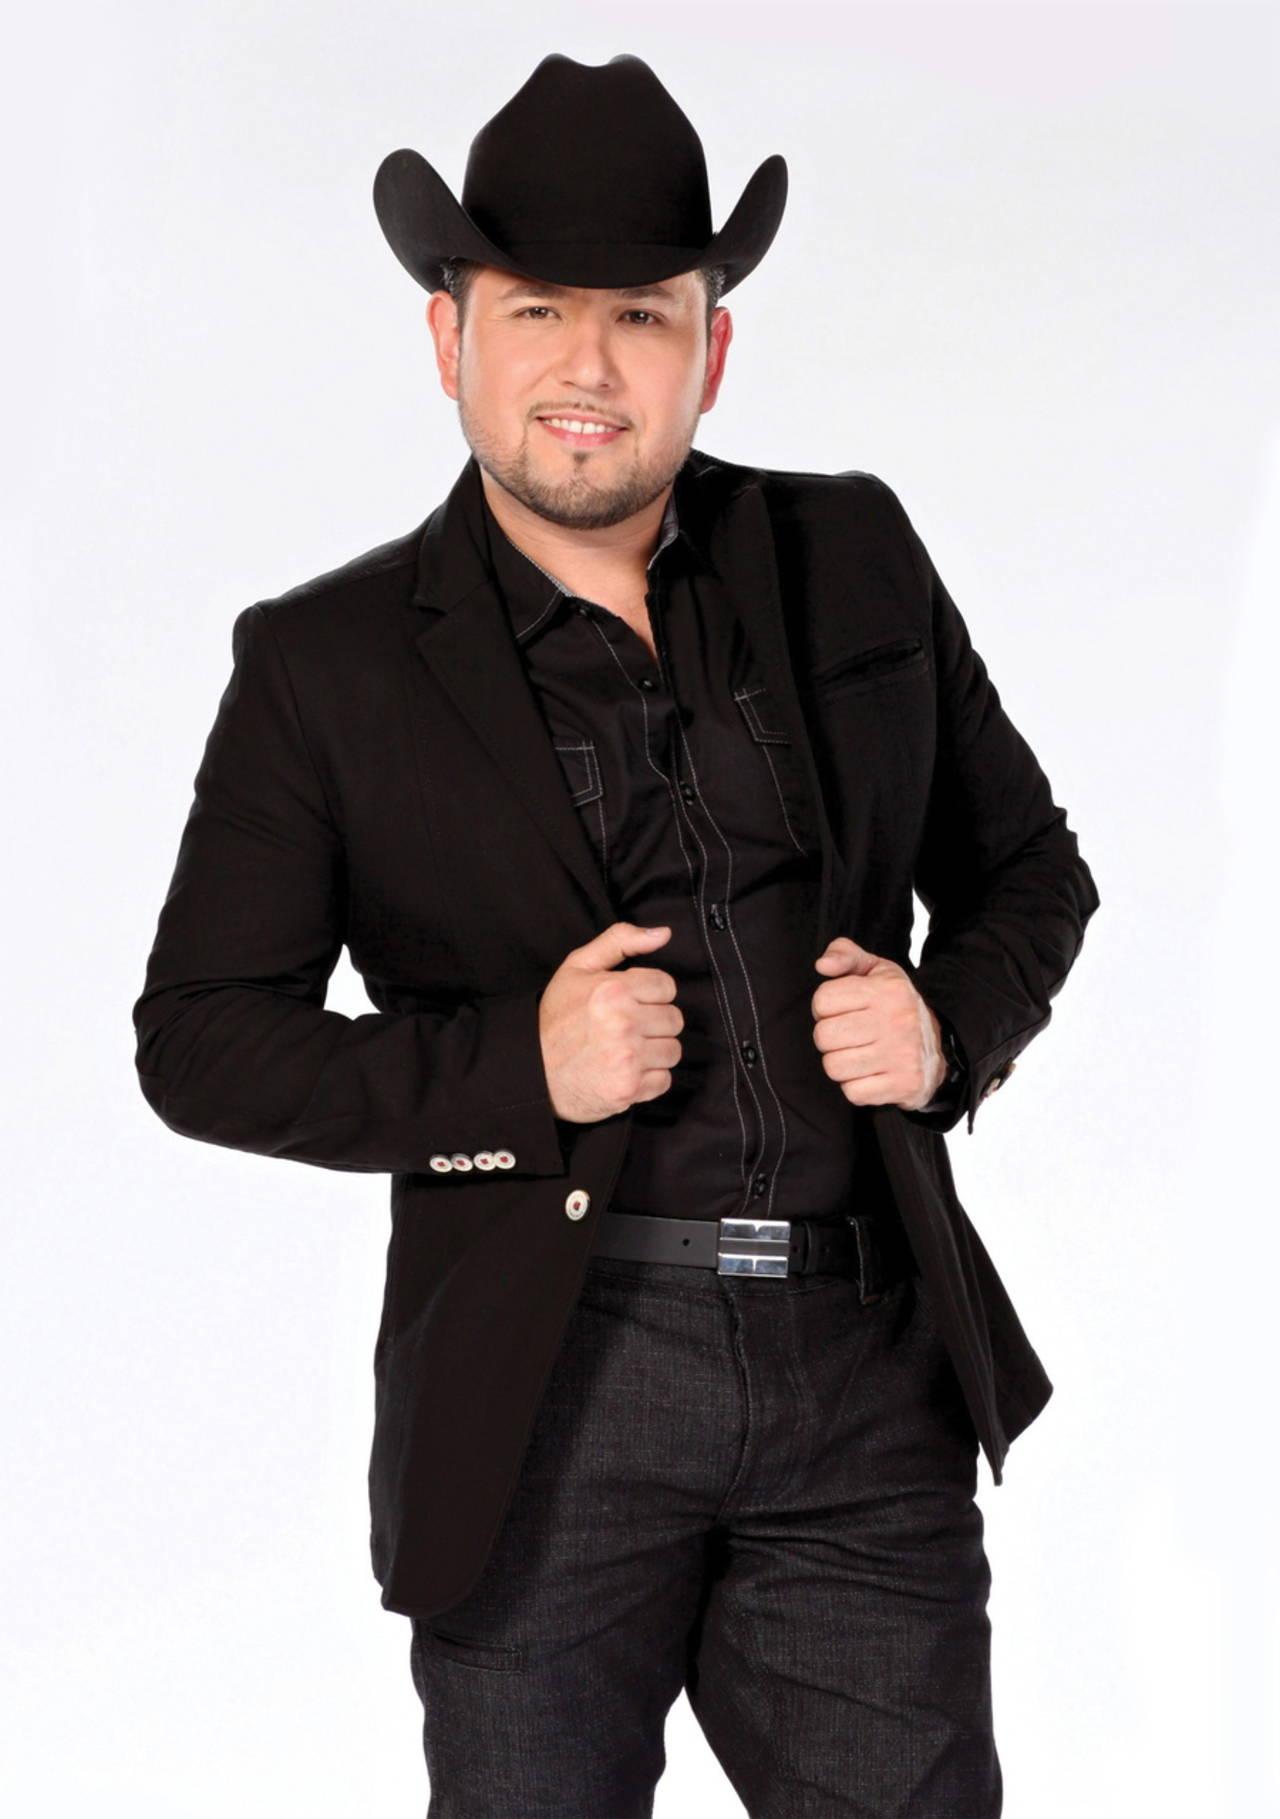 Roberto Tapia Volvió A Hablar De 'El Chapo' Guzmán